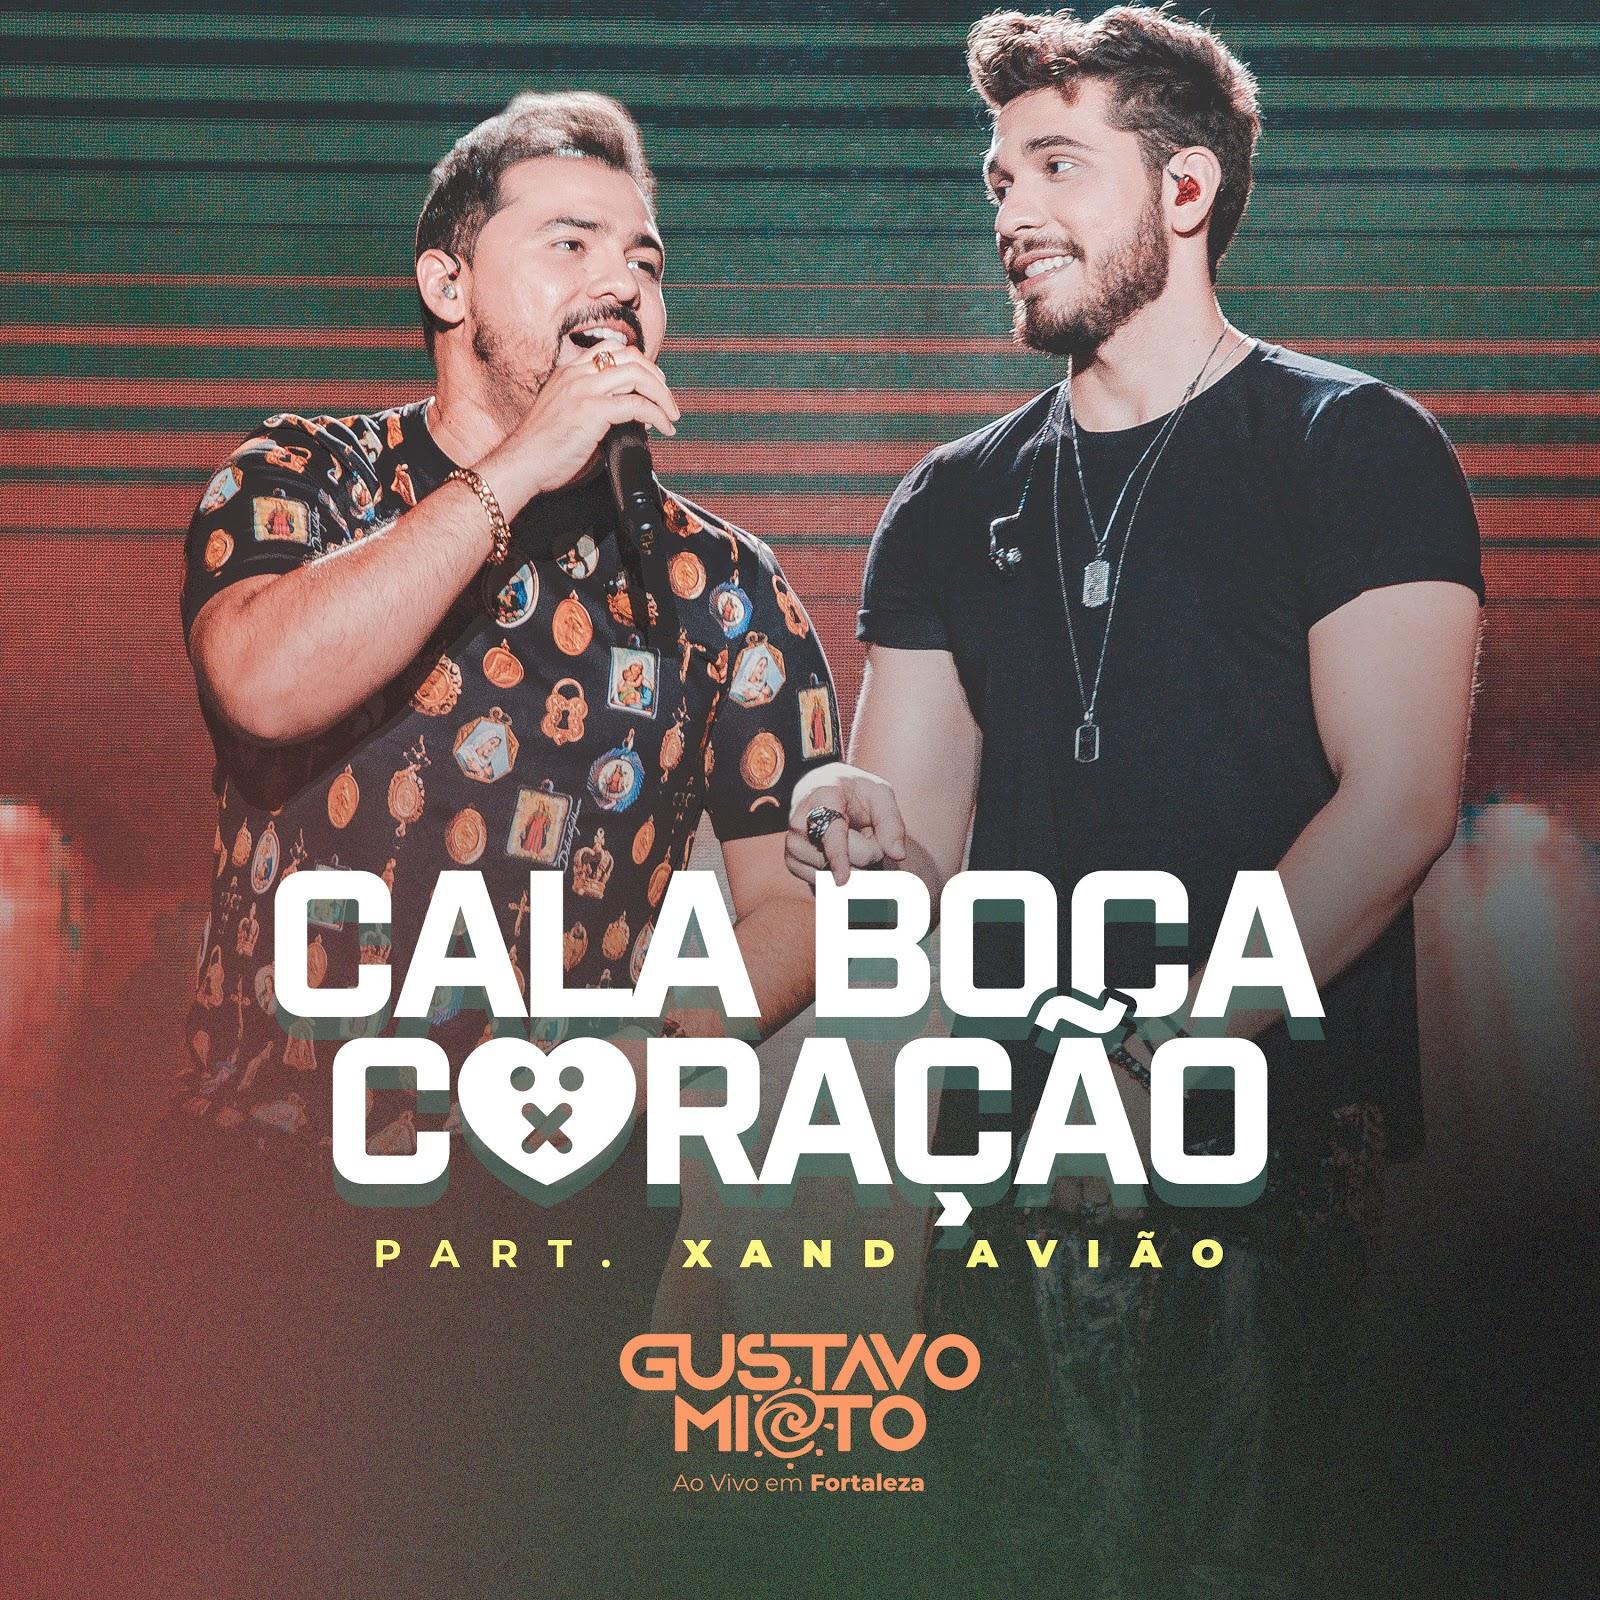 """Com participação de Xand Avião, Gustavo Mioto lança """"Cala Boca Coração"""" 41"""